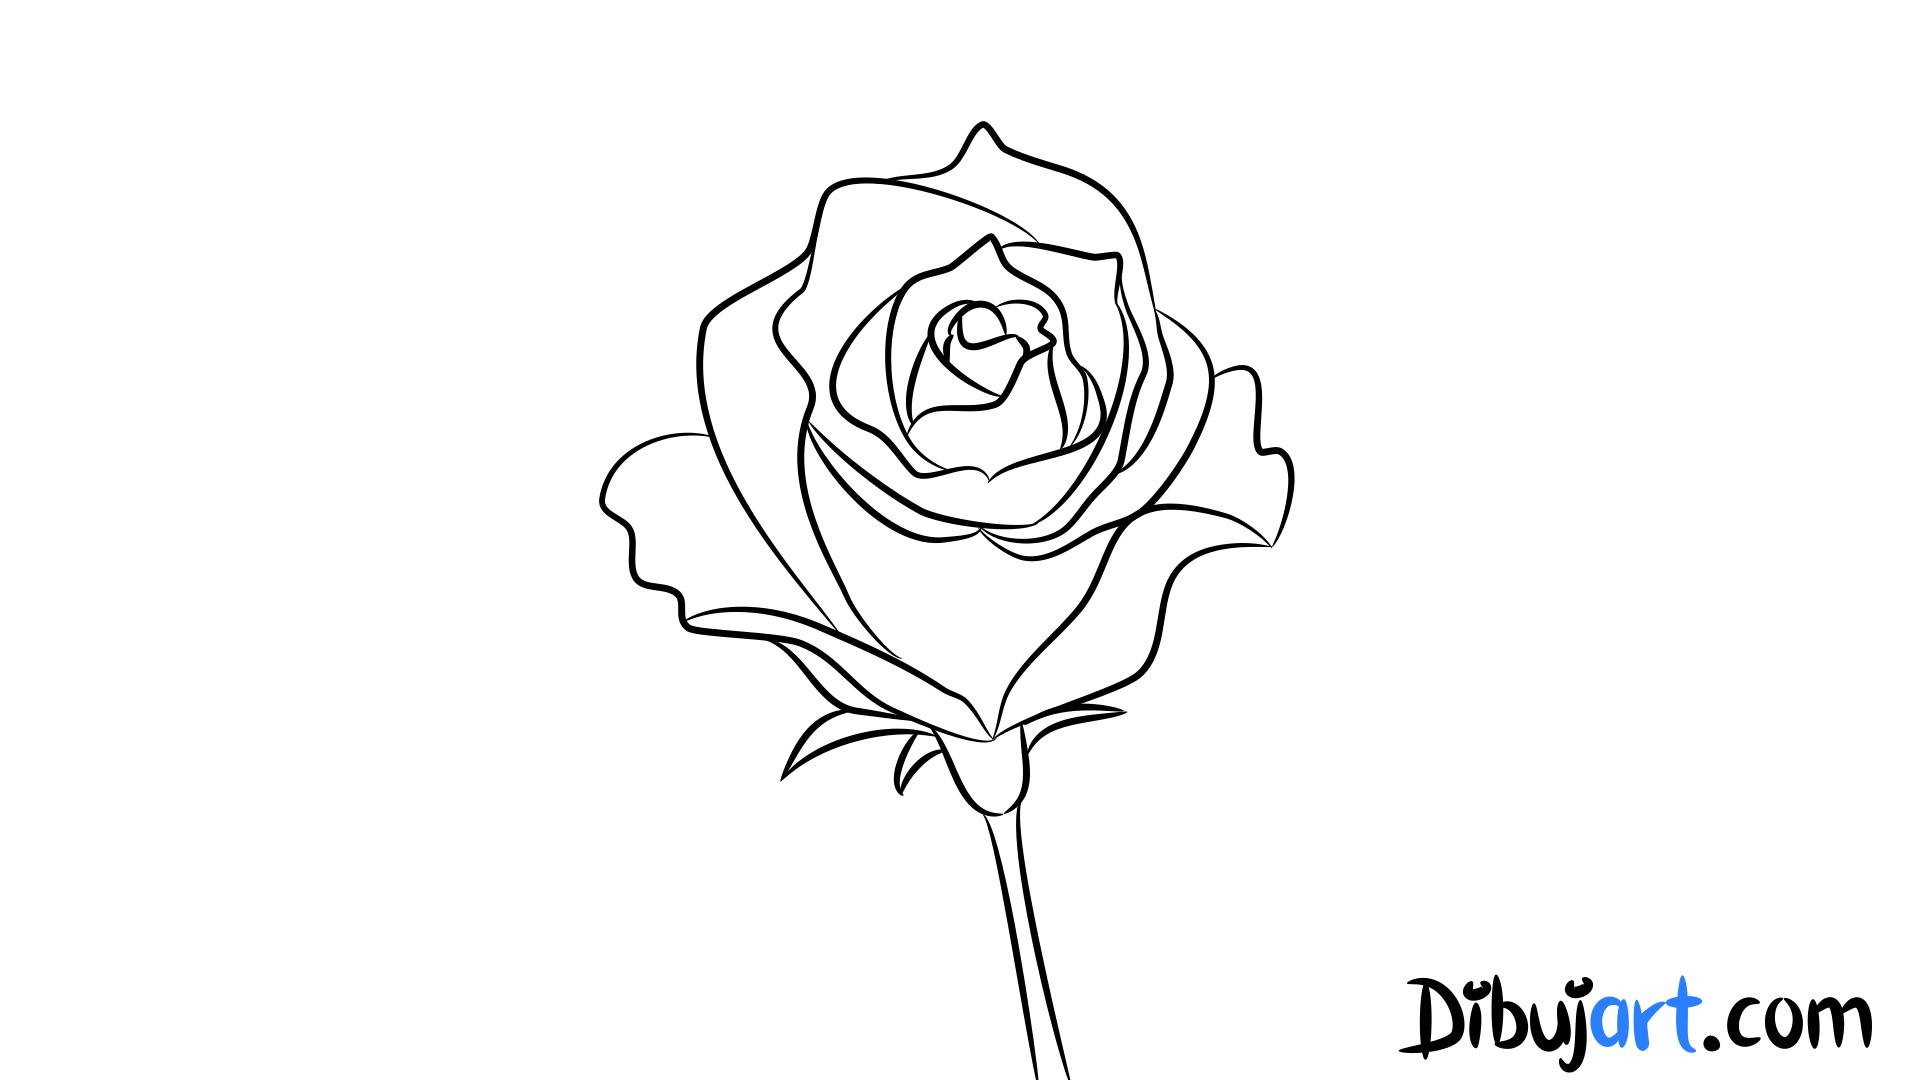 Cómo dibujar una Rosa #1 - Serie de dibujos de Rosas | dibujart.com